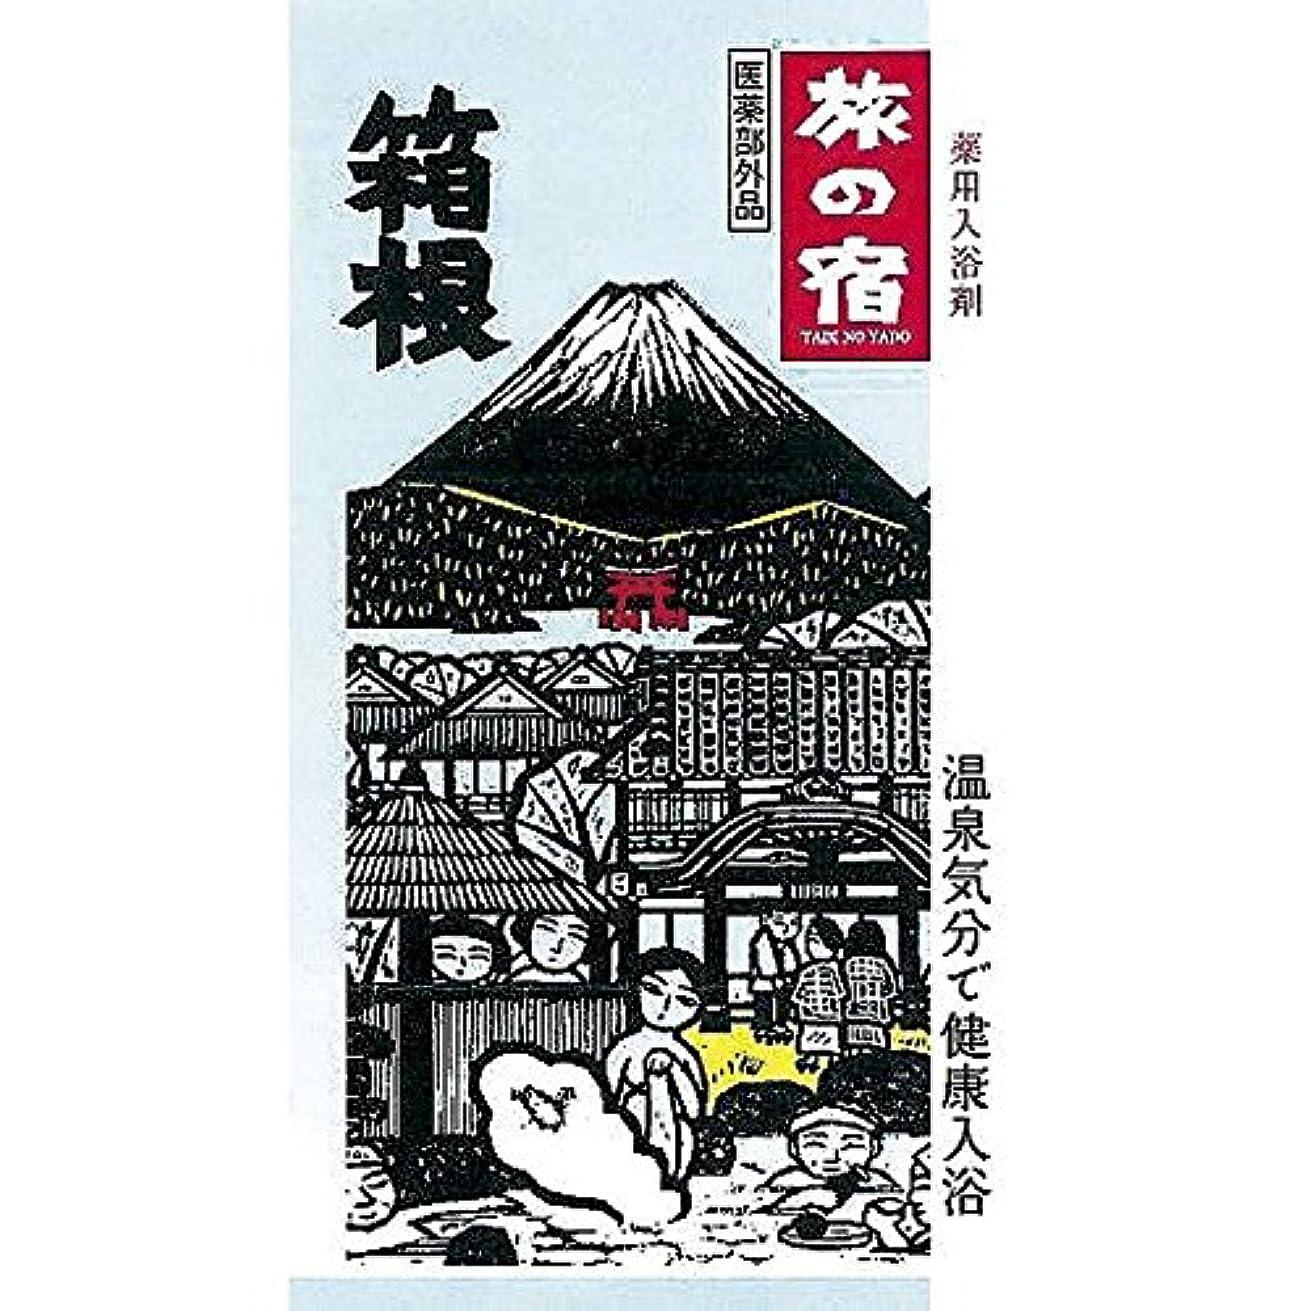 自慢遺棄された翻訳クラシエ 旅の宿 分包(1P) 箱根 80686 (B525-06)